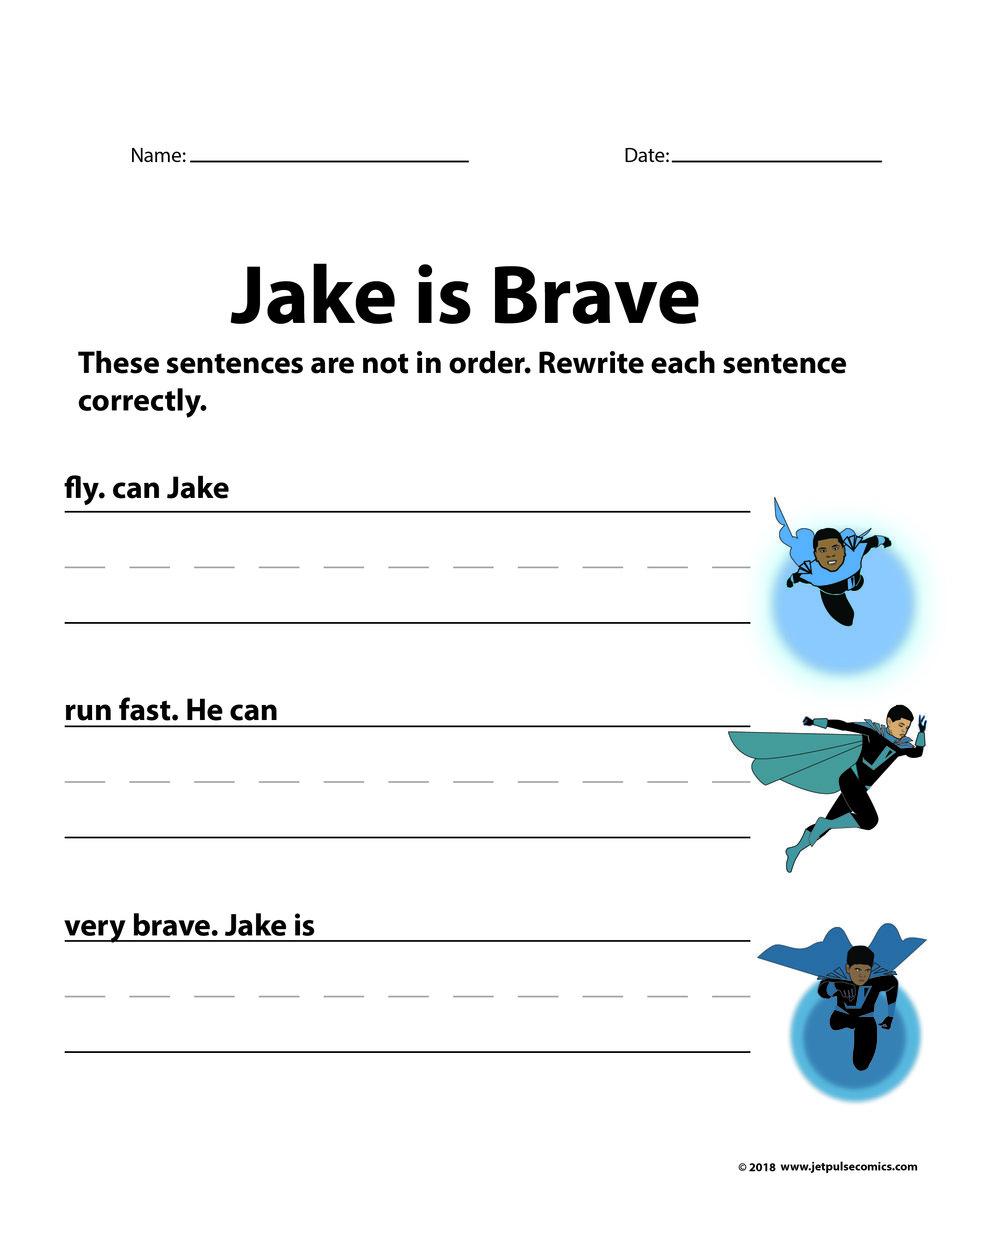 Jake is brave.jpg